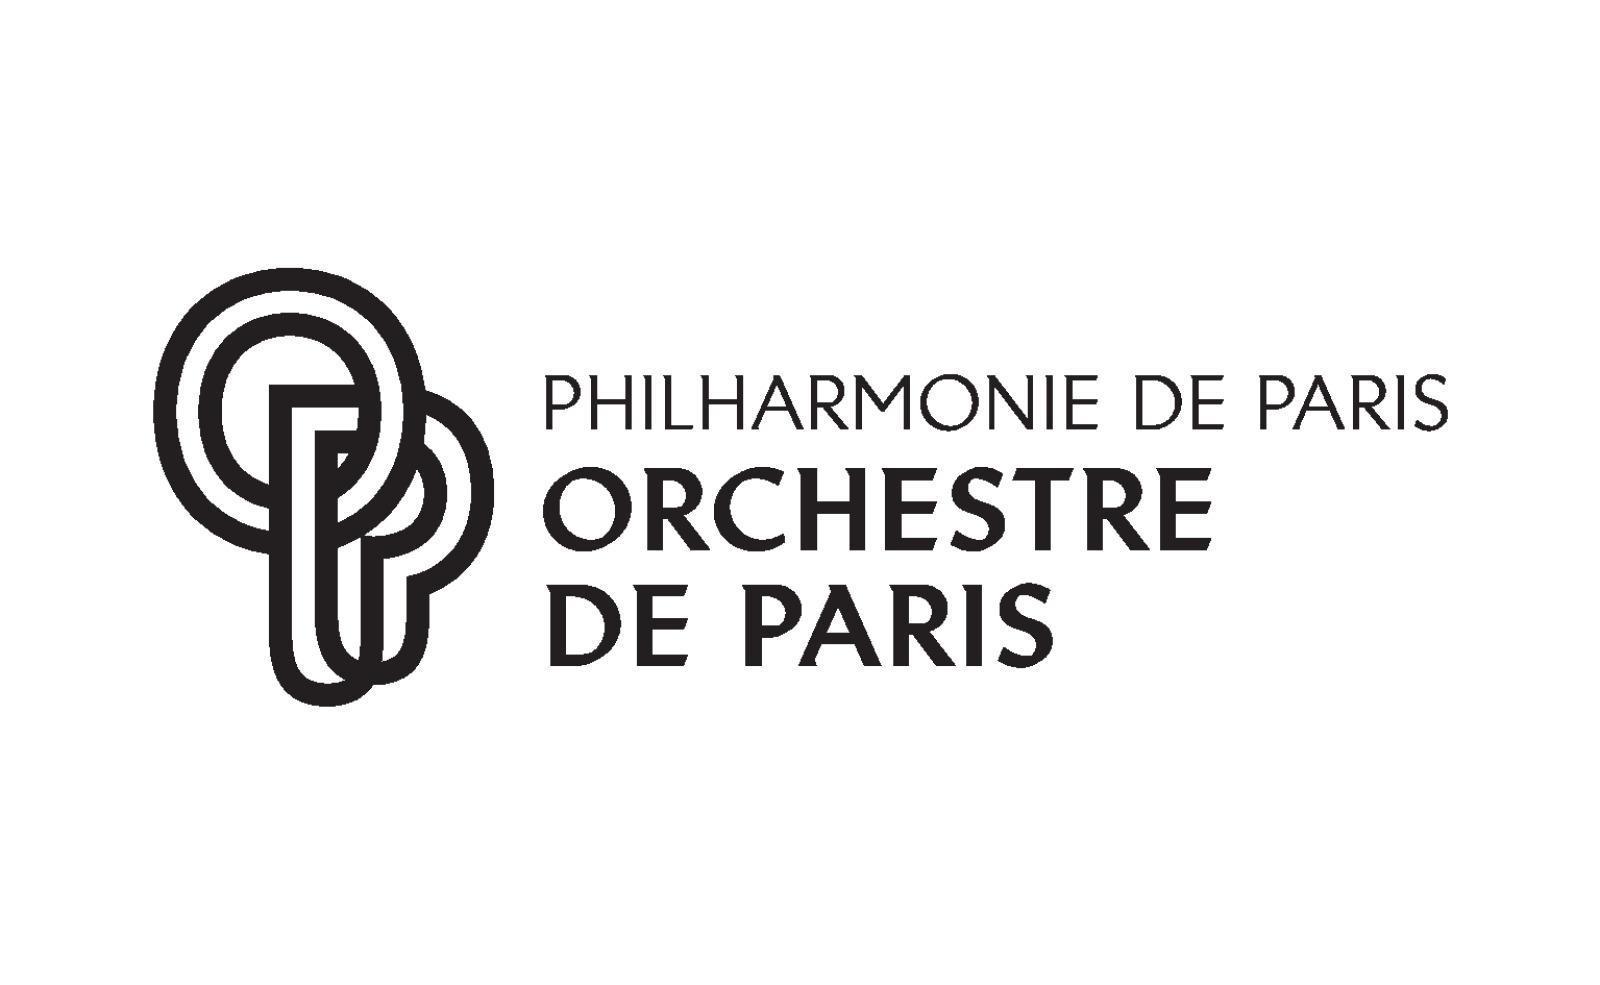 Archivé: Orchestre de Paris / Philharmonie de Paris